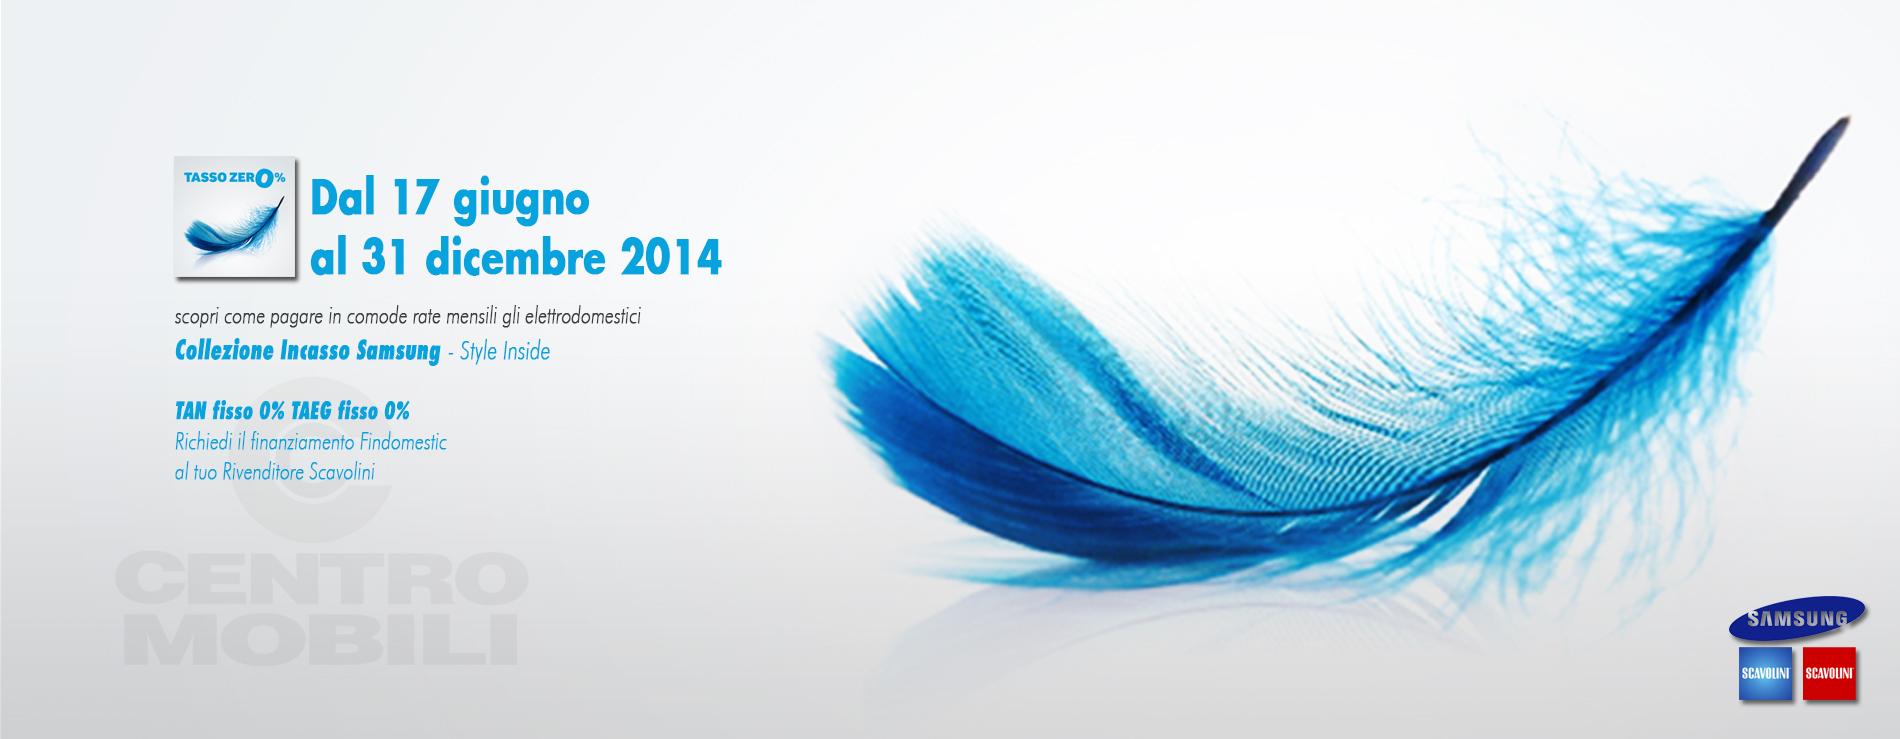 Samsung pi leggeri a tasso 0 centro mobili for Acquisto mobili finanziamento tasso zero